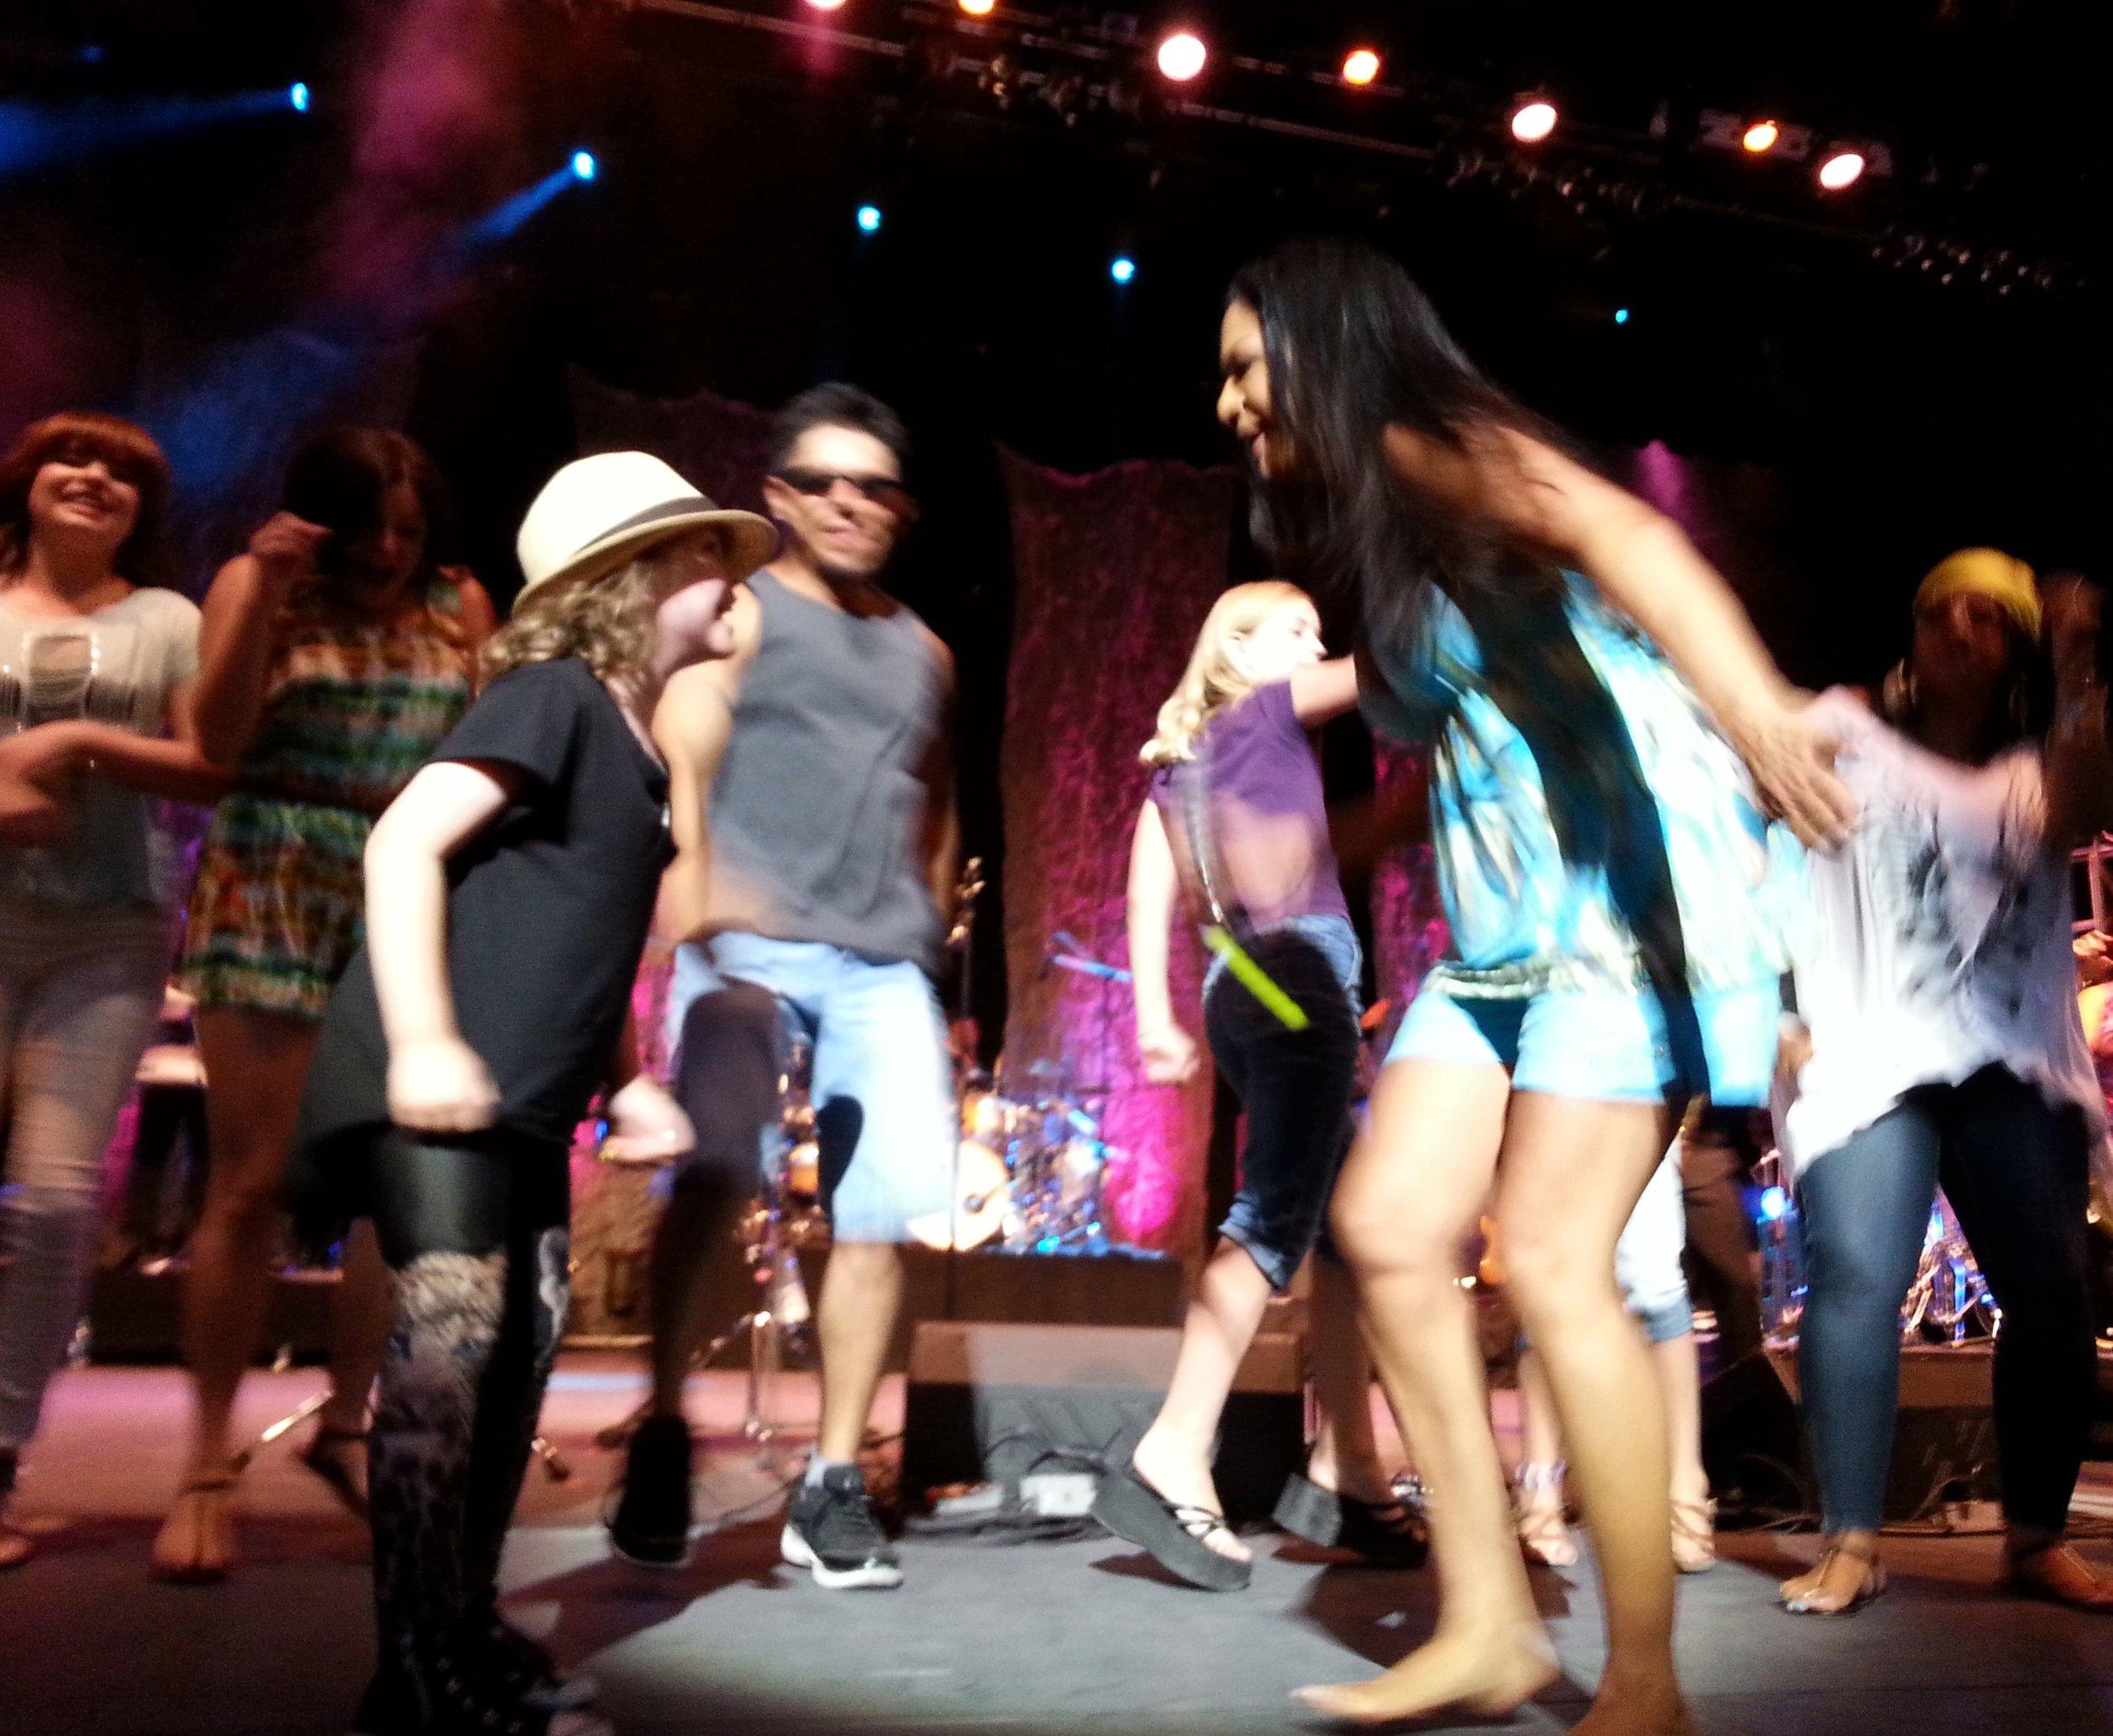 MILANA_SHEILA E_ DANCING.jpg